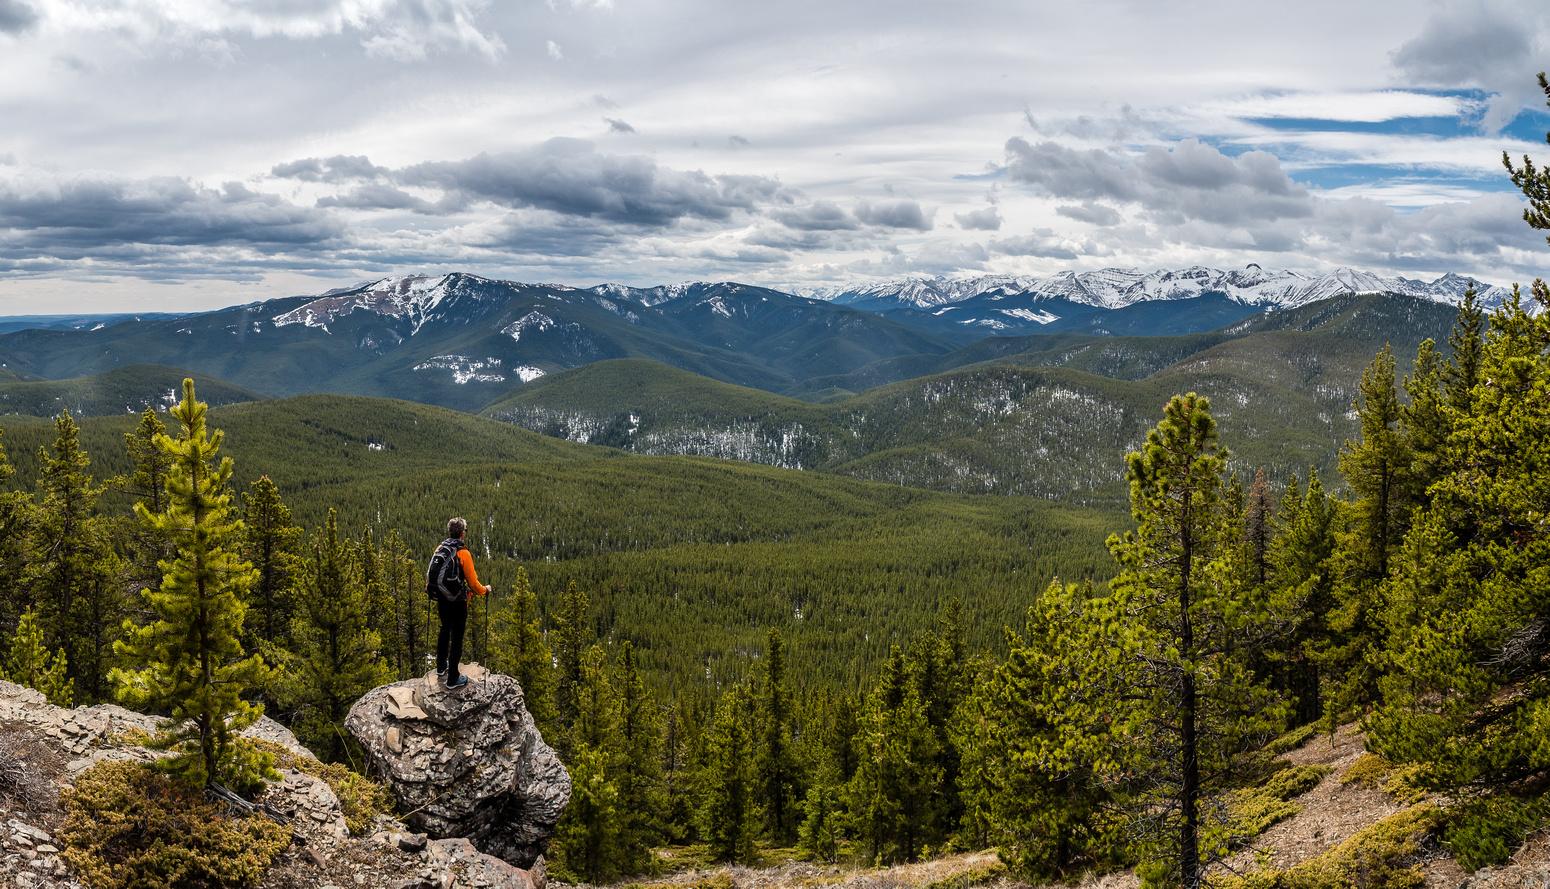 Enjoying a nice viewpoint along the ridge.